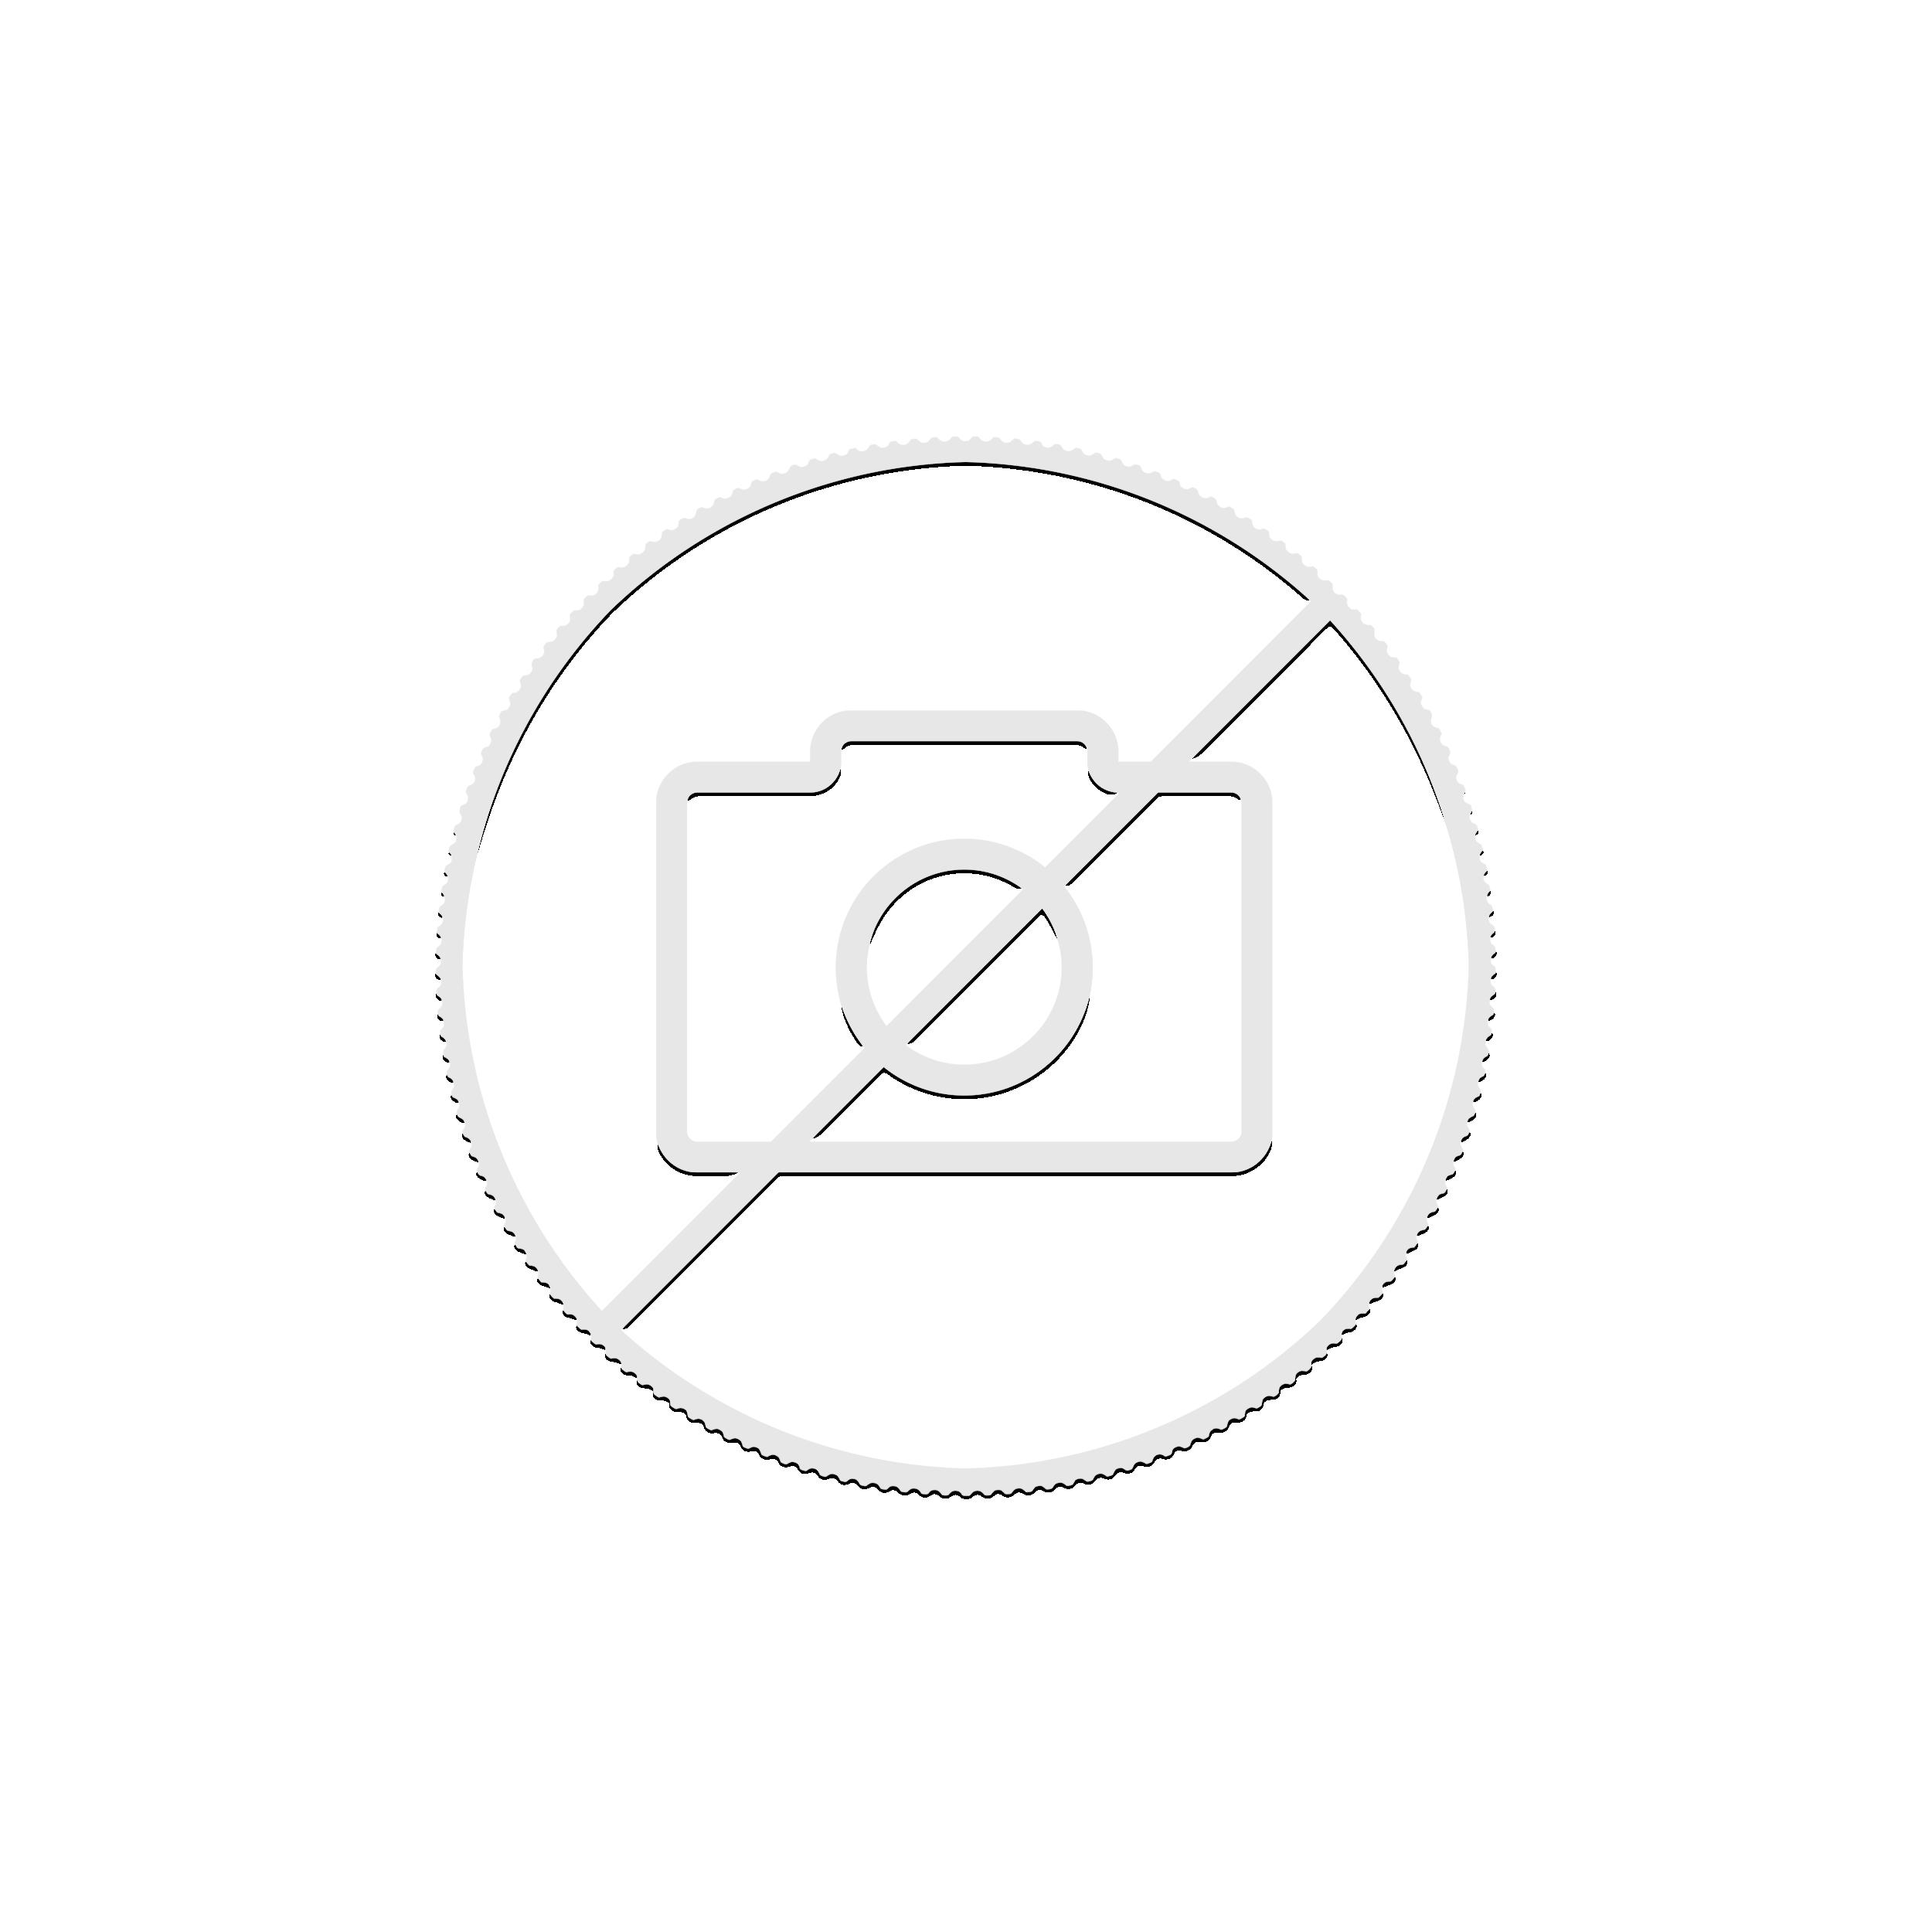 1 troy ounce silver coin Britannia 2019